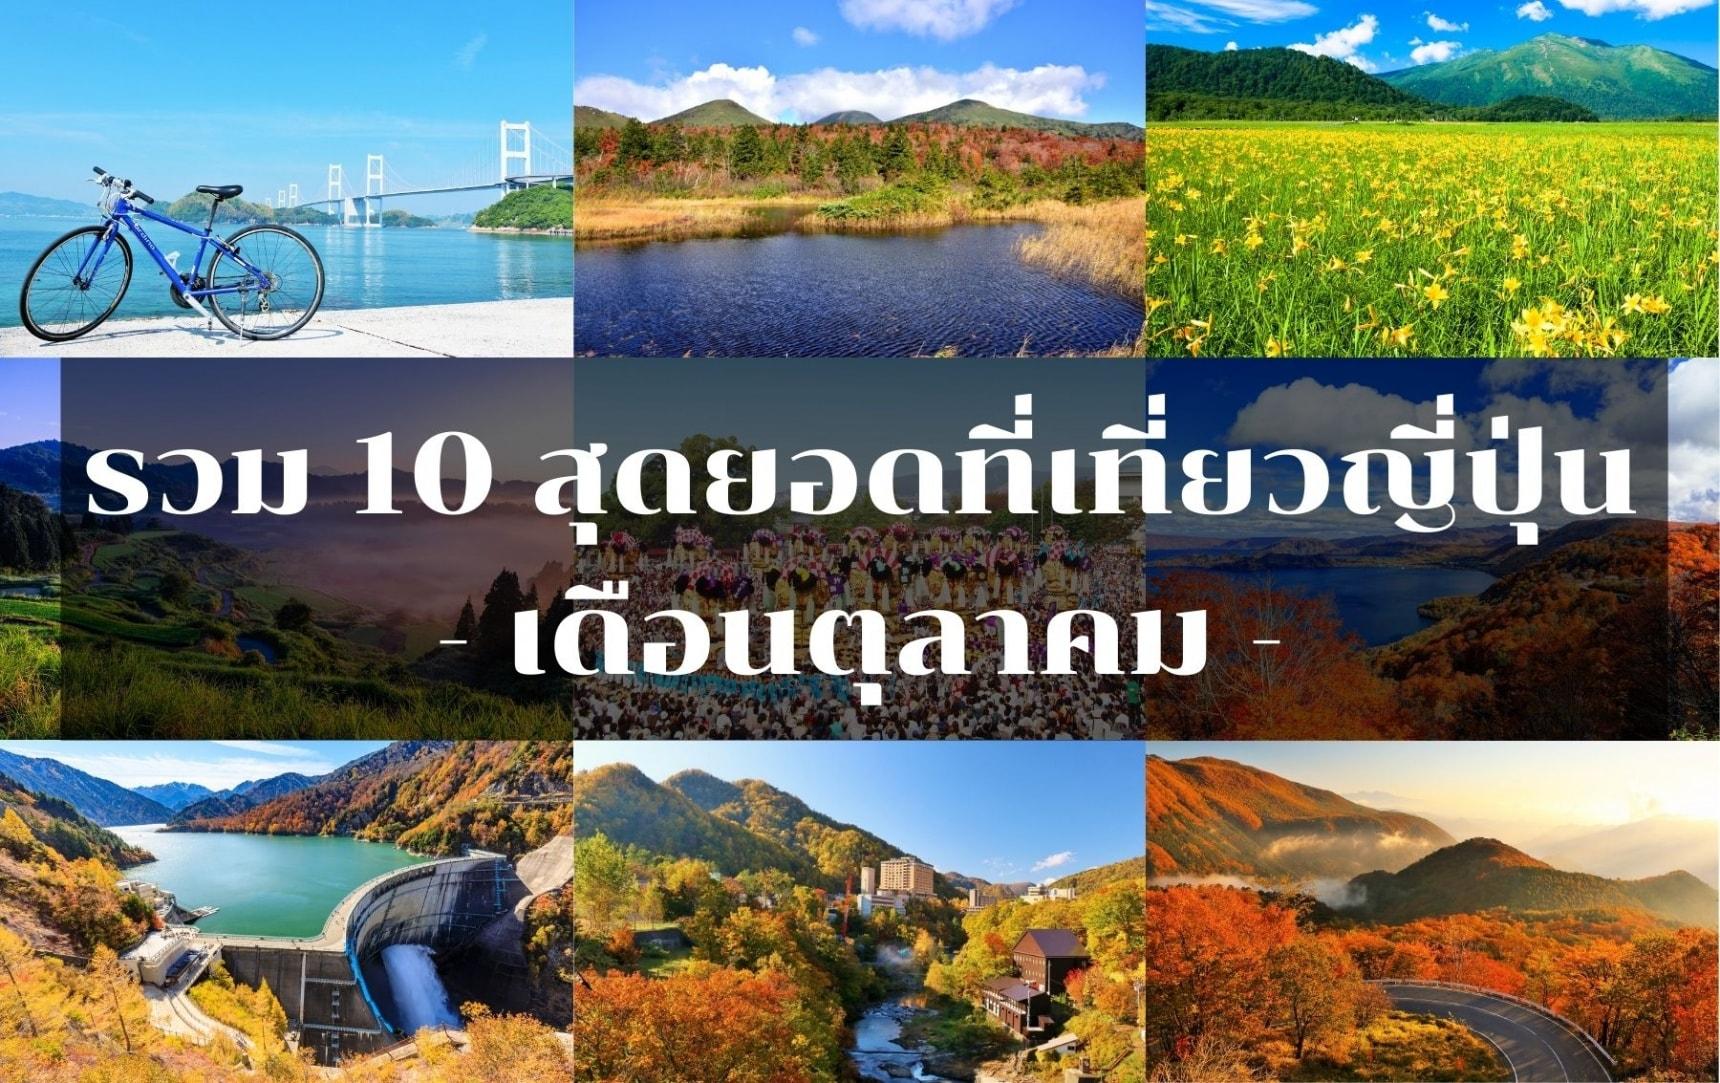 รวม 10 สุดยอดที่เที่ยวญี่ปุ่นเดือนตุลาคม